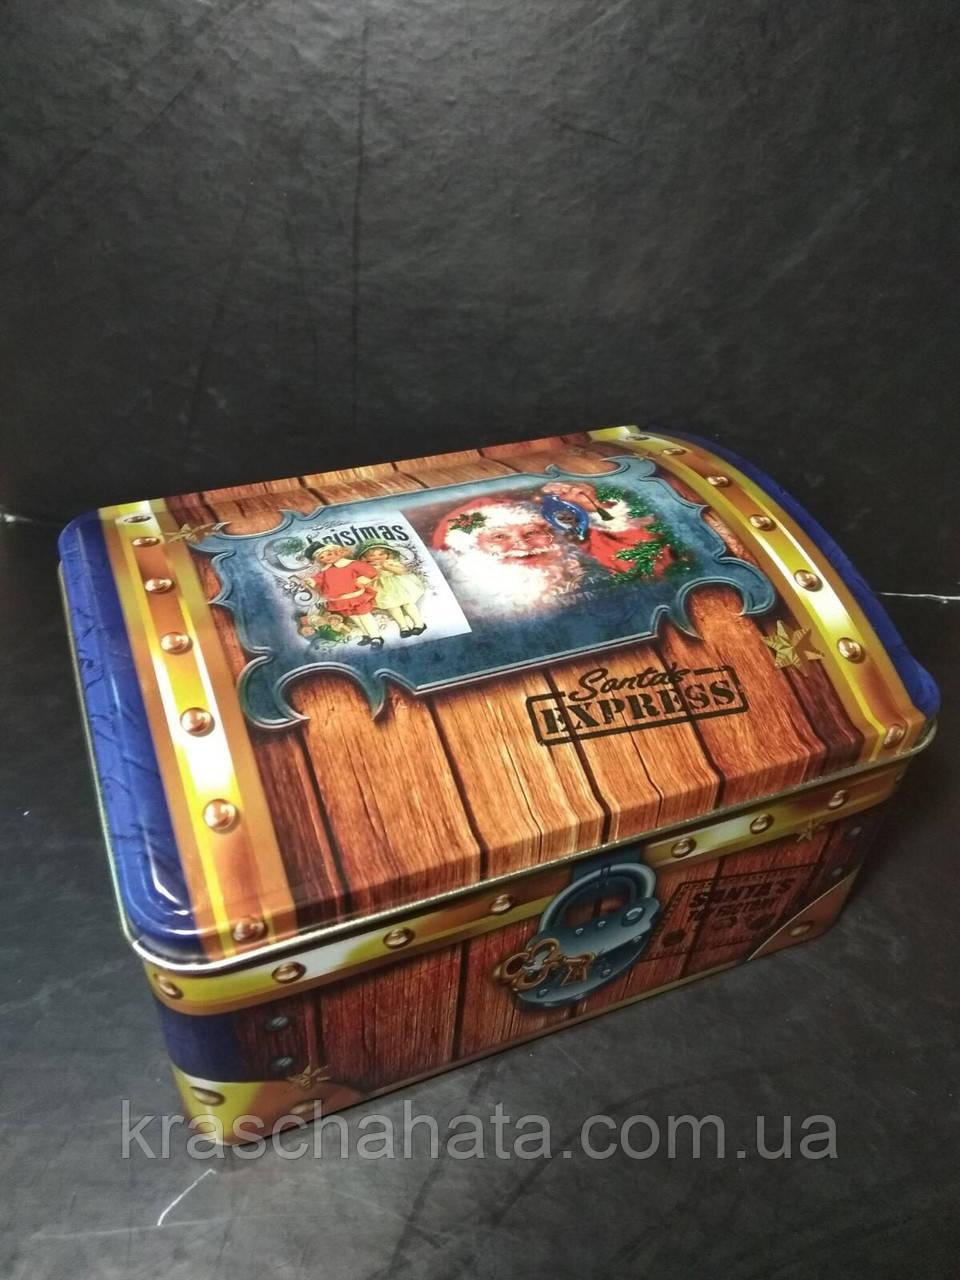 Новогодняя коробка шкатулка, Сундук, Жестяная упаковка для конфет, 900 гр,  Металлическая коробка для конфет